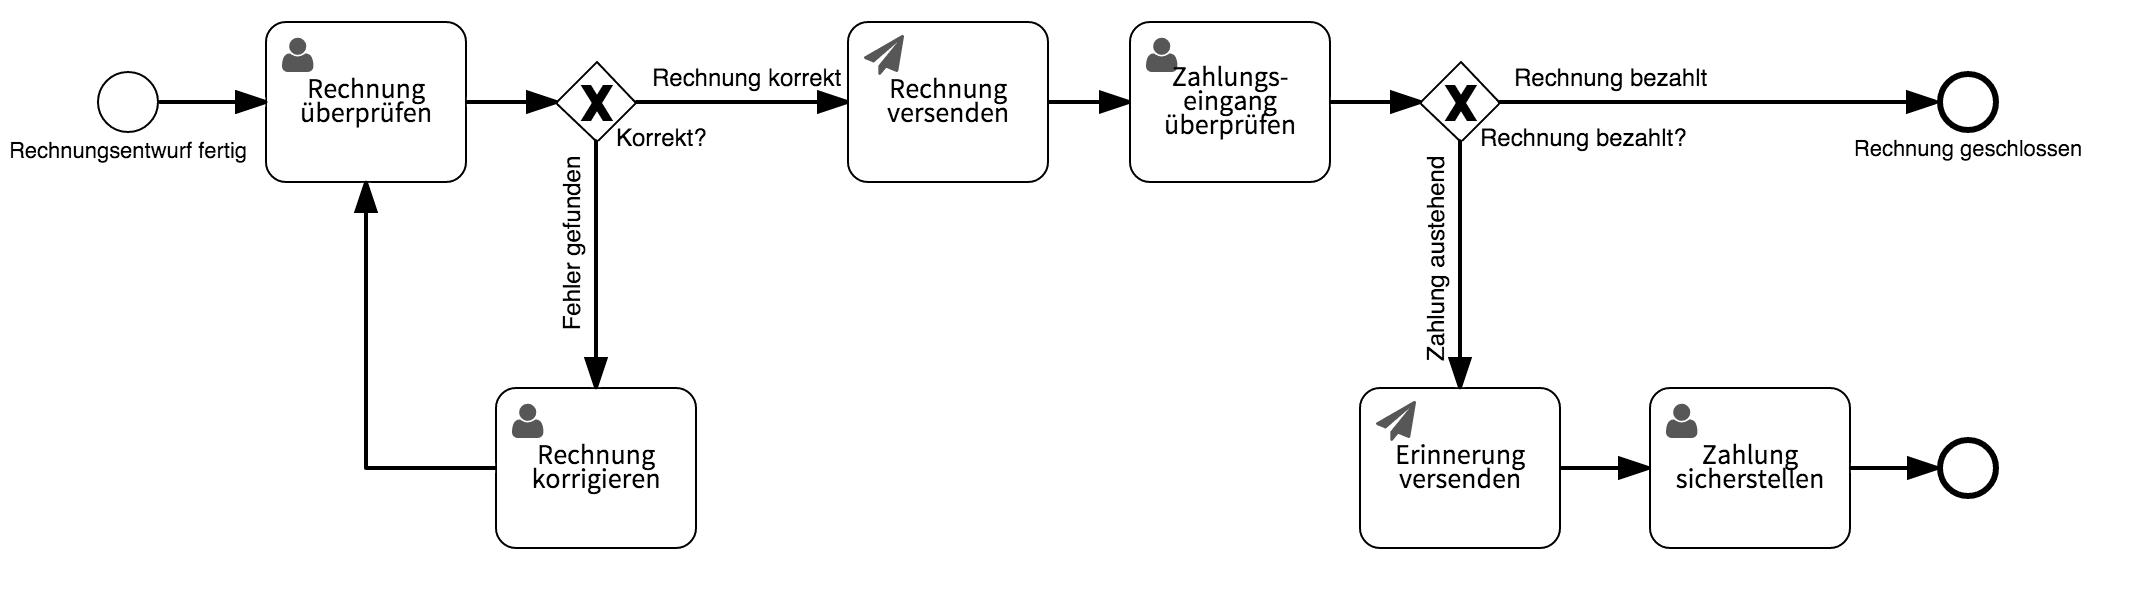 Workflow Beispiel: Rechnung erstellen